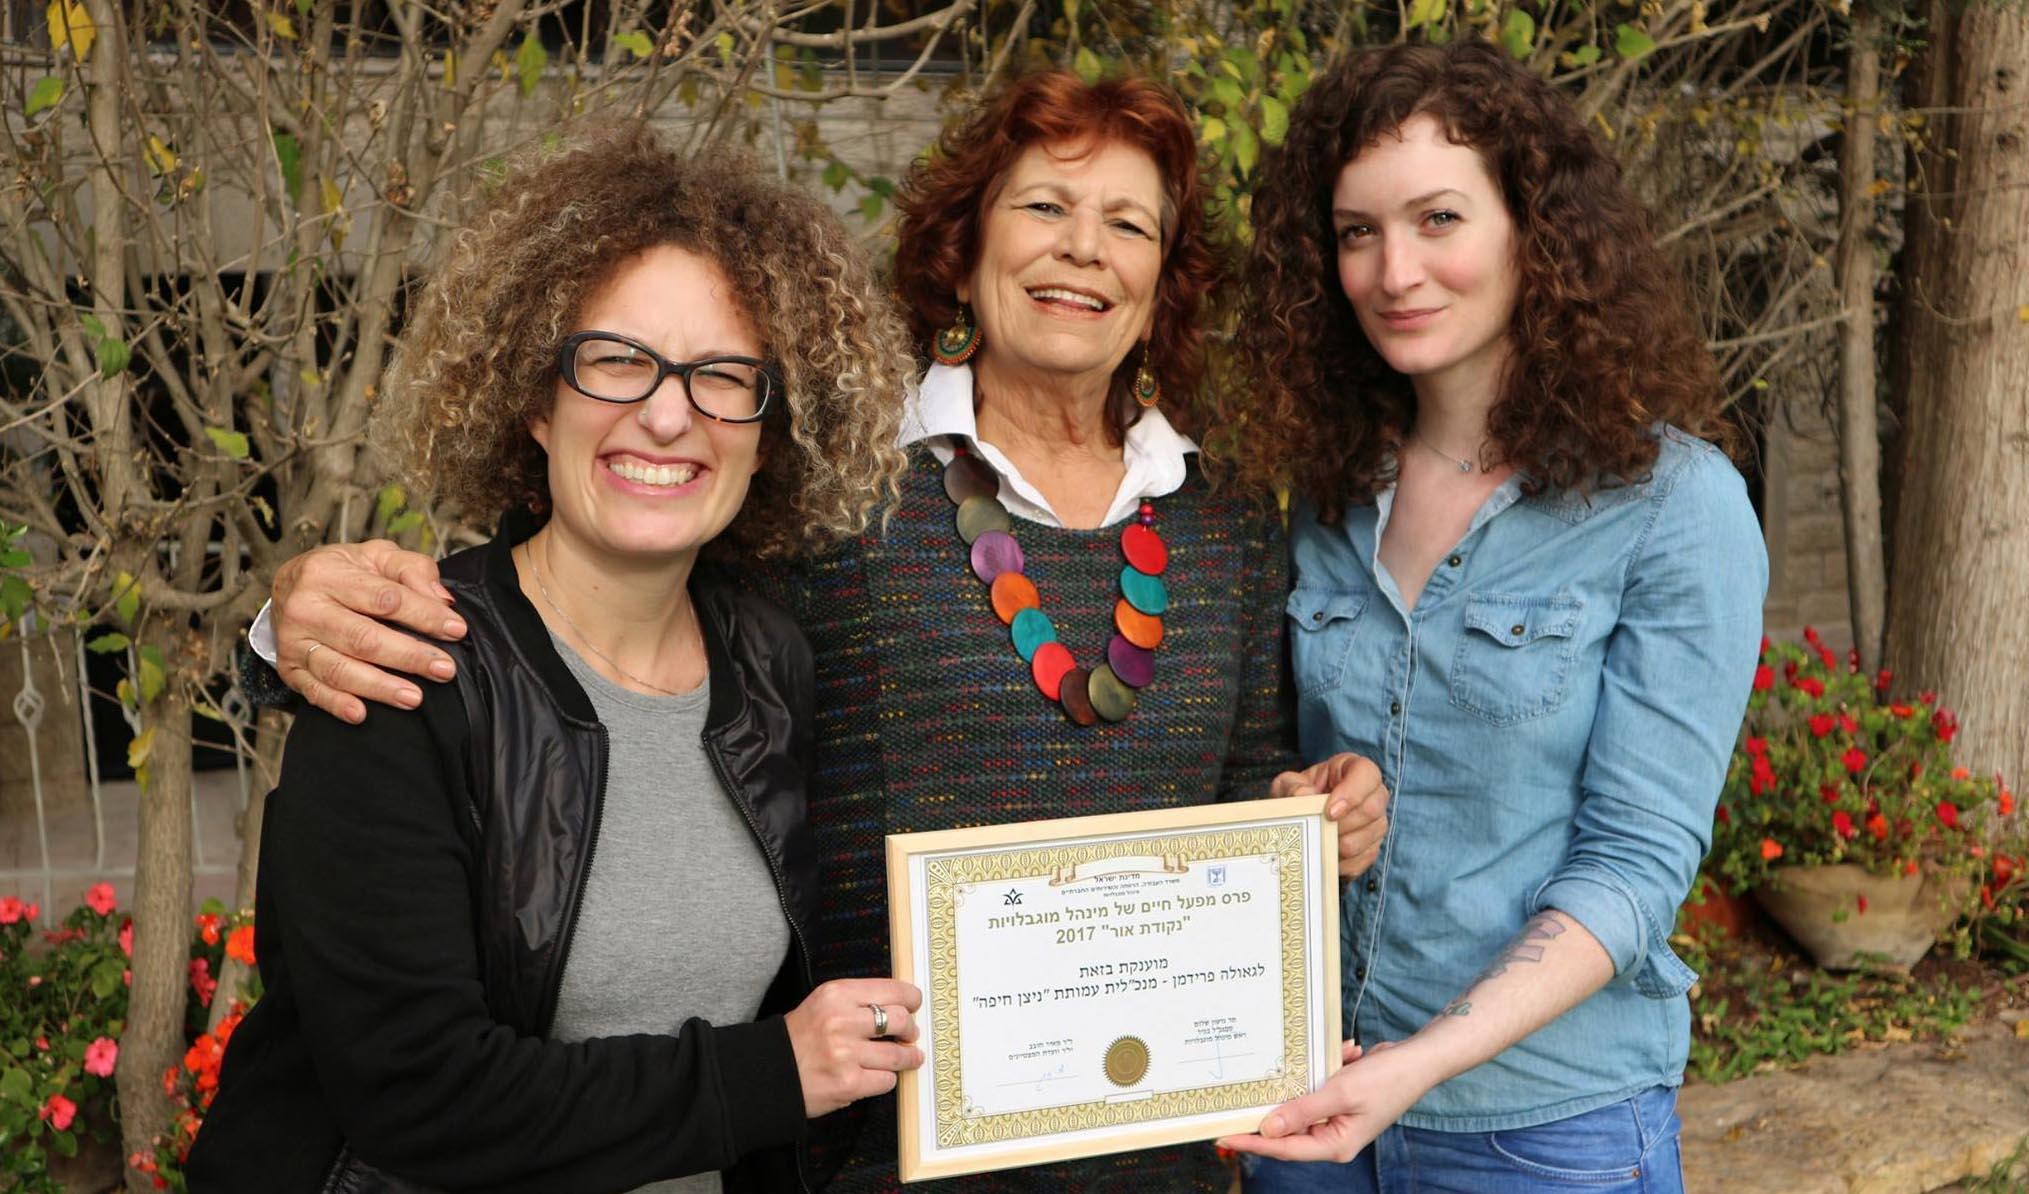 מירי קאטן, גאולה פרידמן וגילי רוזנר מעמותת ניצן עם תעודת ההוקרה (צילום: ניצן חיפה)